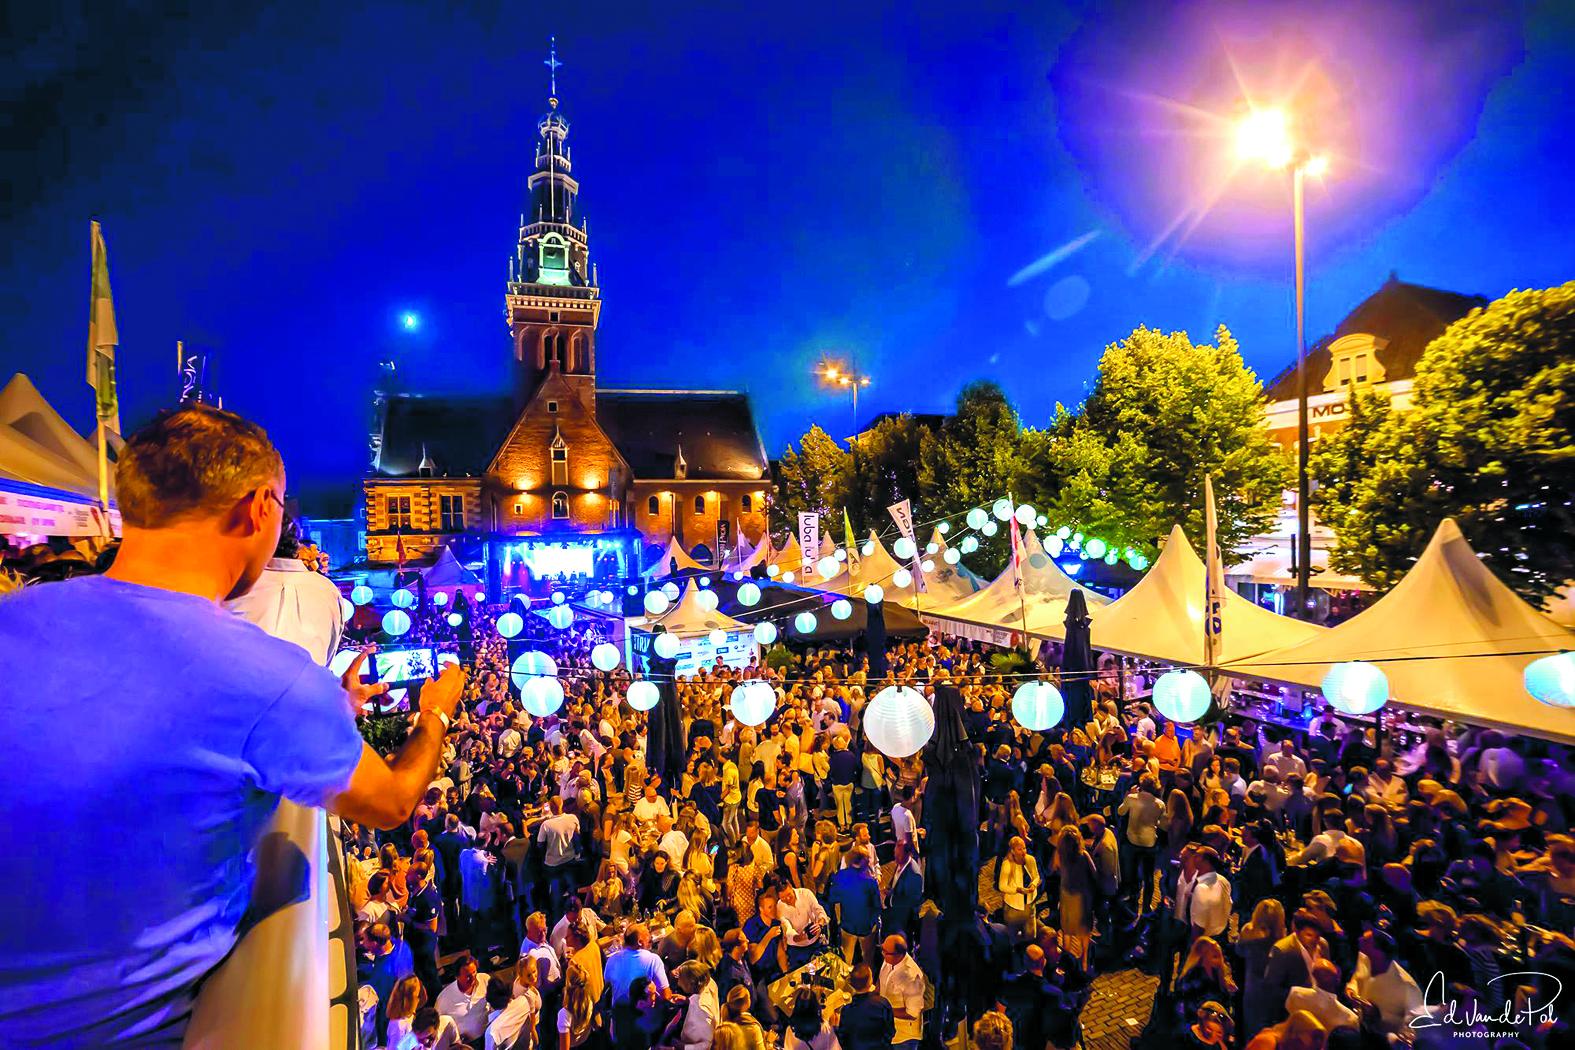 Na 26 jaar neemt Alkmaar Culinair Plaza afscheid van het Waagplein. (Foto: Ed van de Pol)